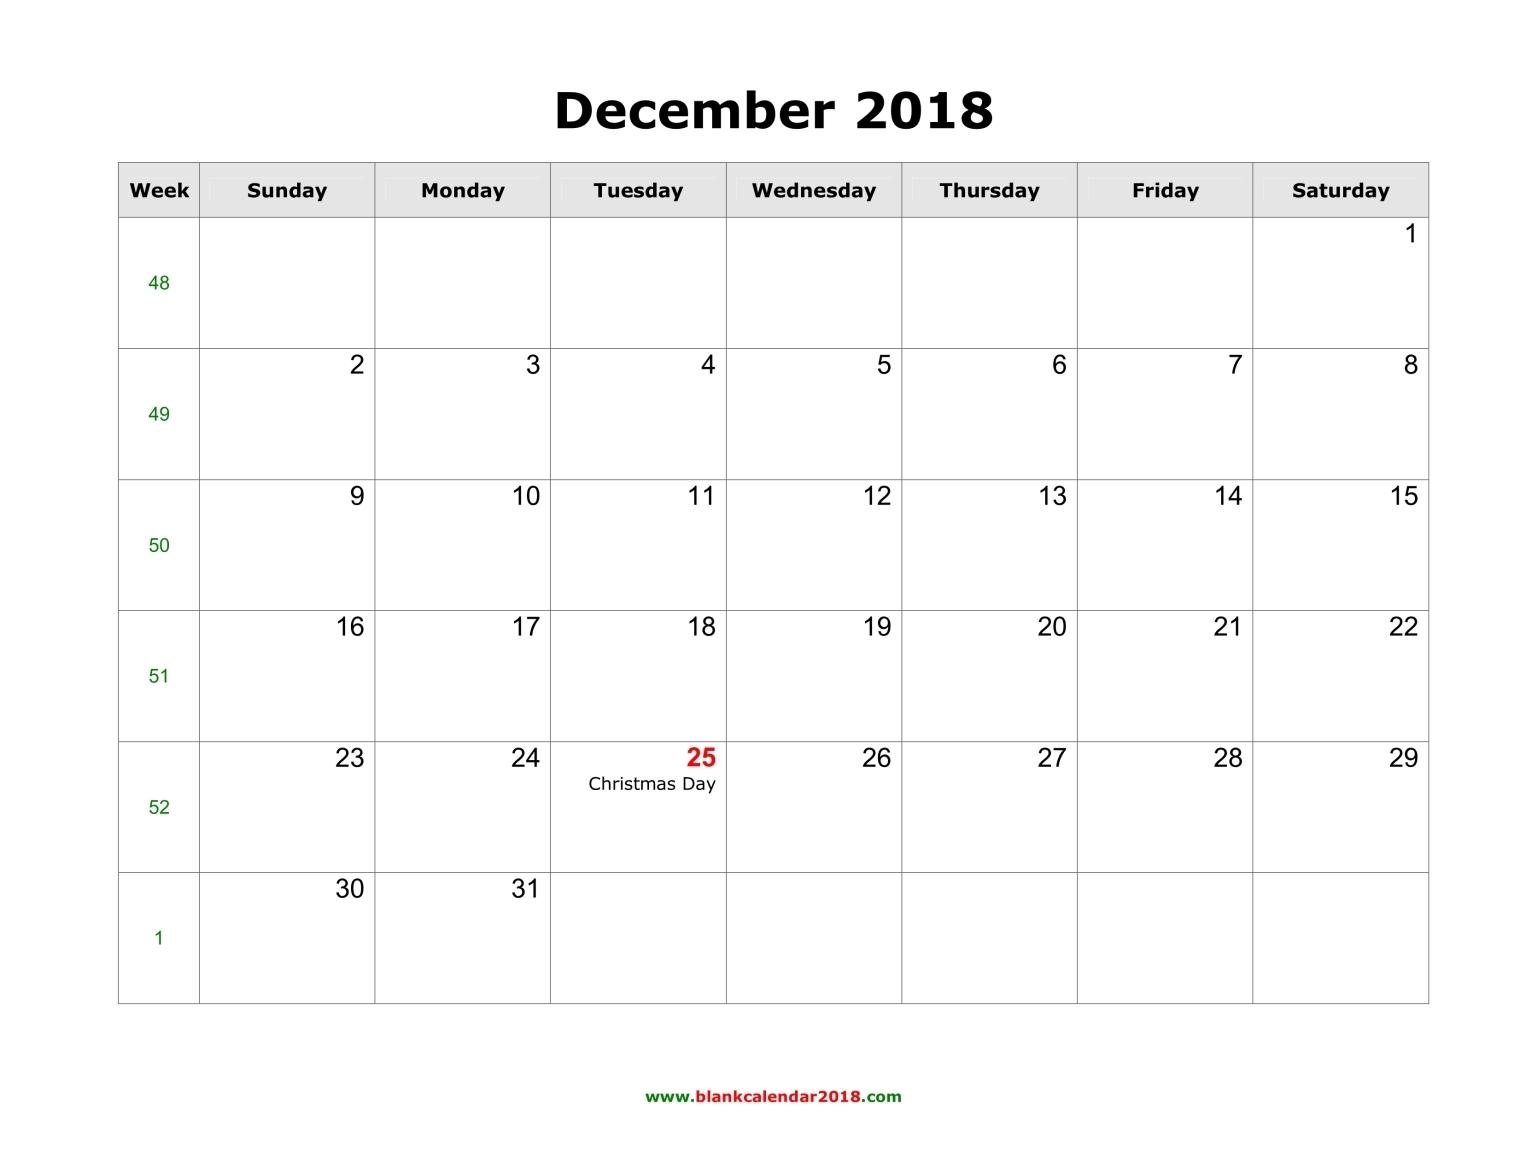 Blank Calendar For December 2018